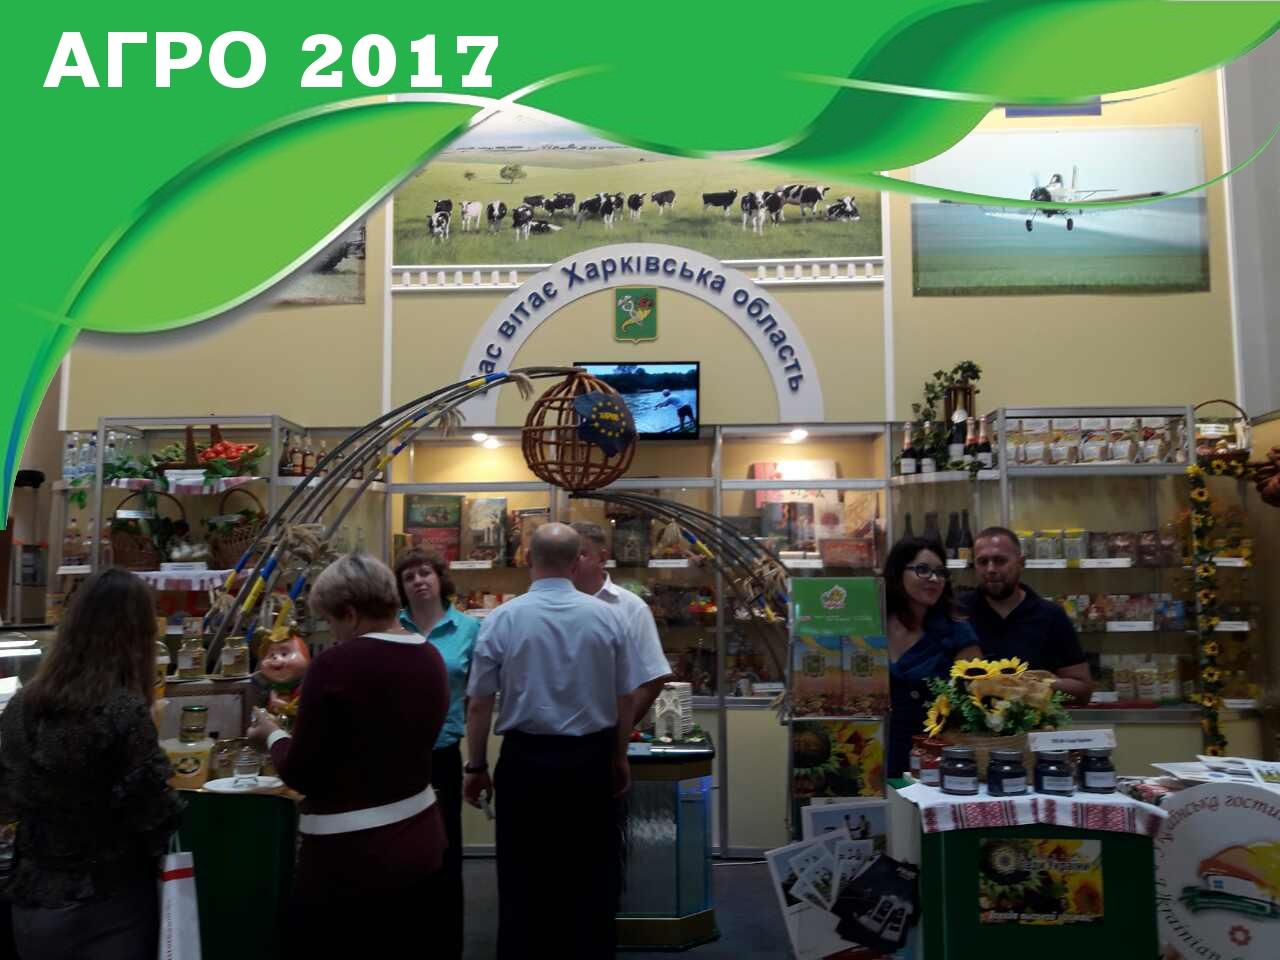 XXIX Міжнародна агропромислова виставка